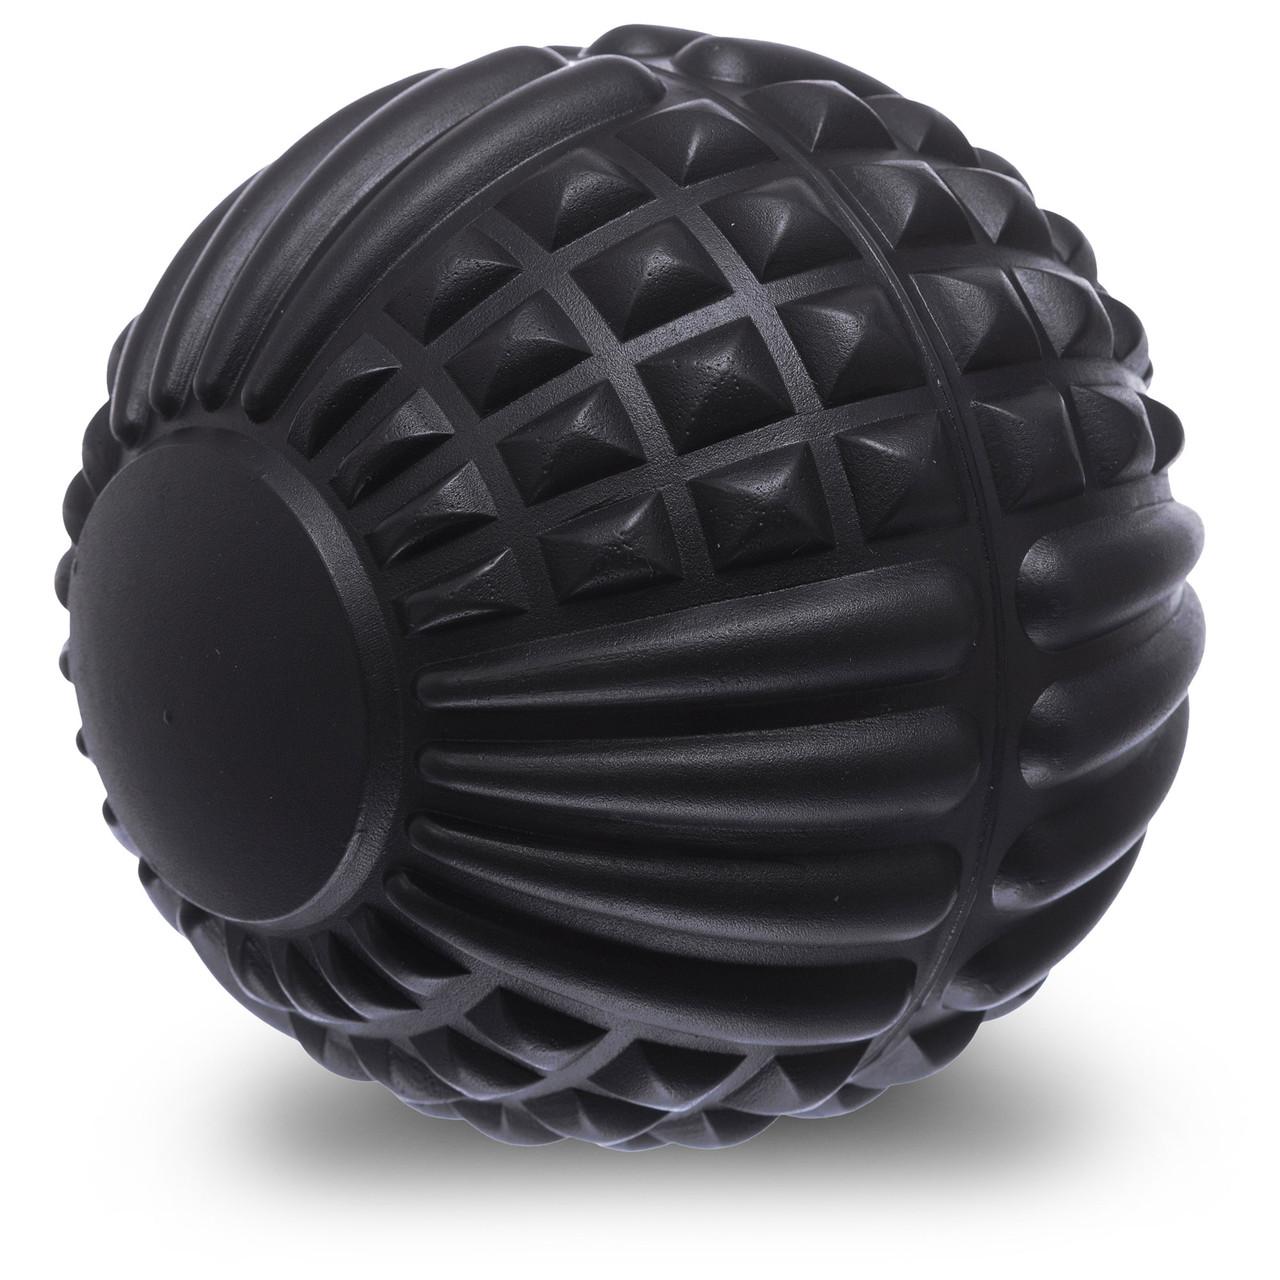 Мяч массажный Ball Rad Massage Roller 12 см термопластичная резина (FI-1687)